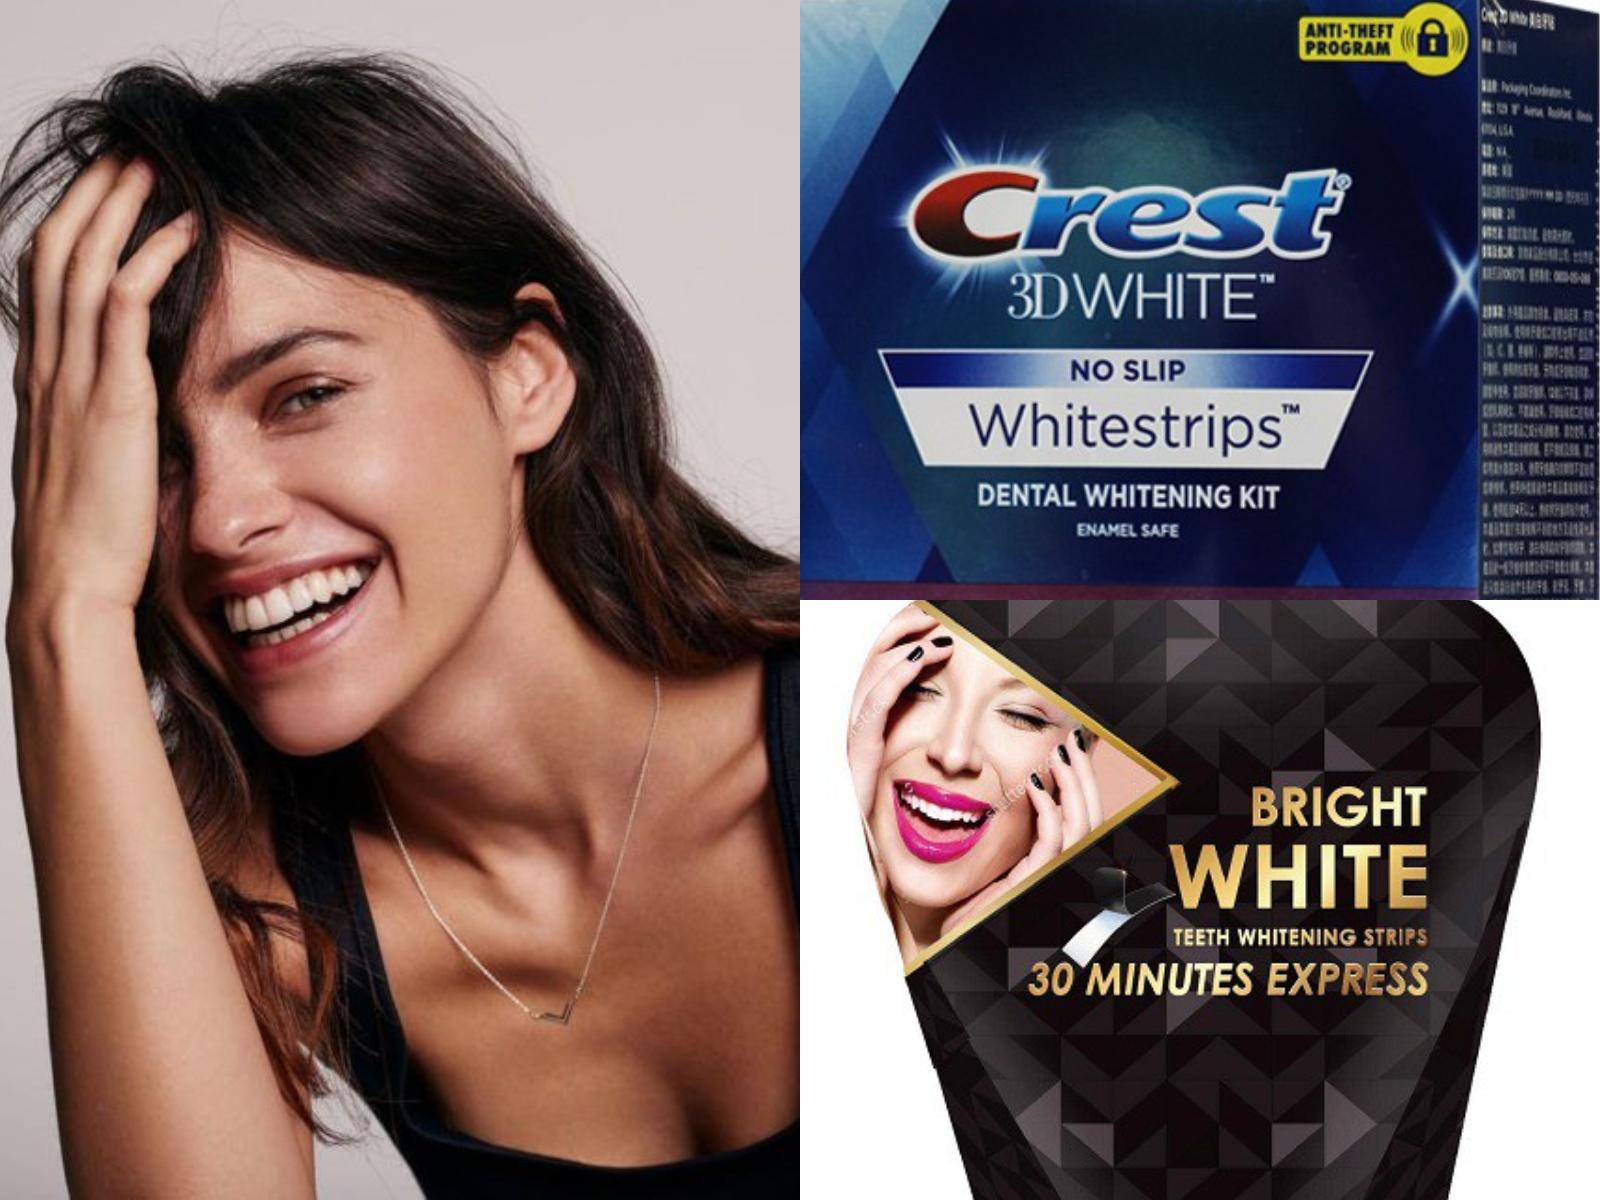 「牙齒美白貼片」推薦-Crest、Protis 普麗斯、Anriea 艾黎亞,別讓一口黃牙毀了你的笑容!